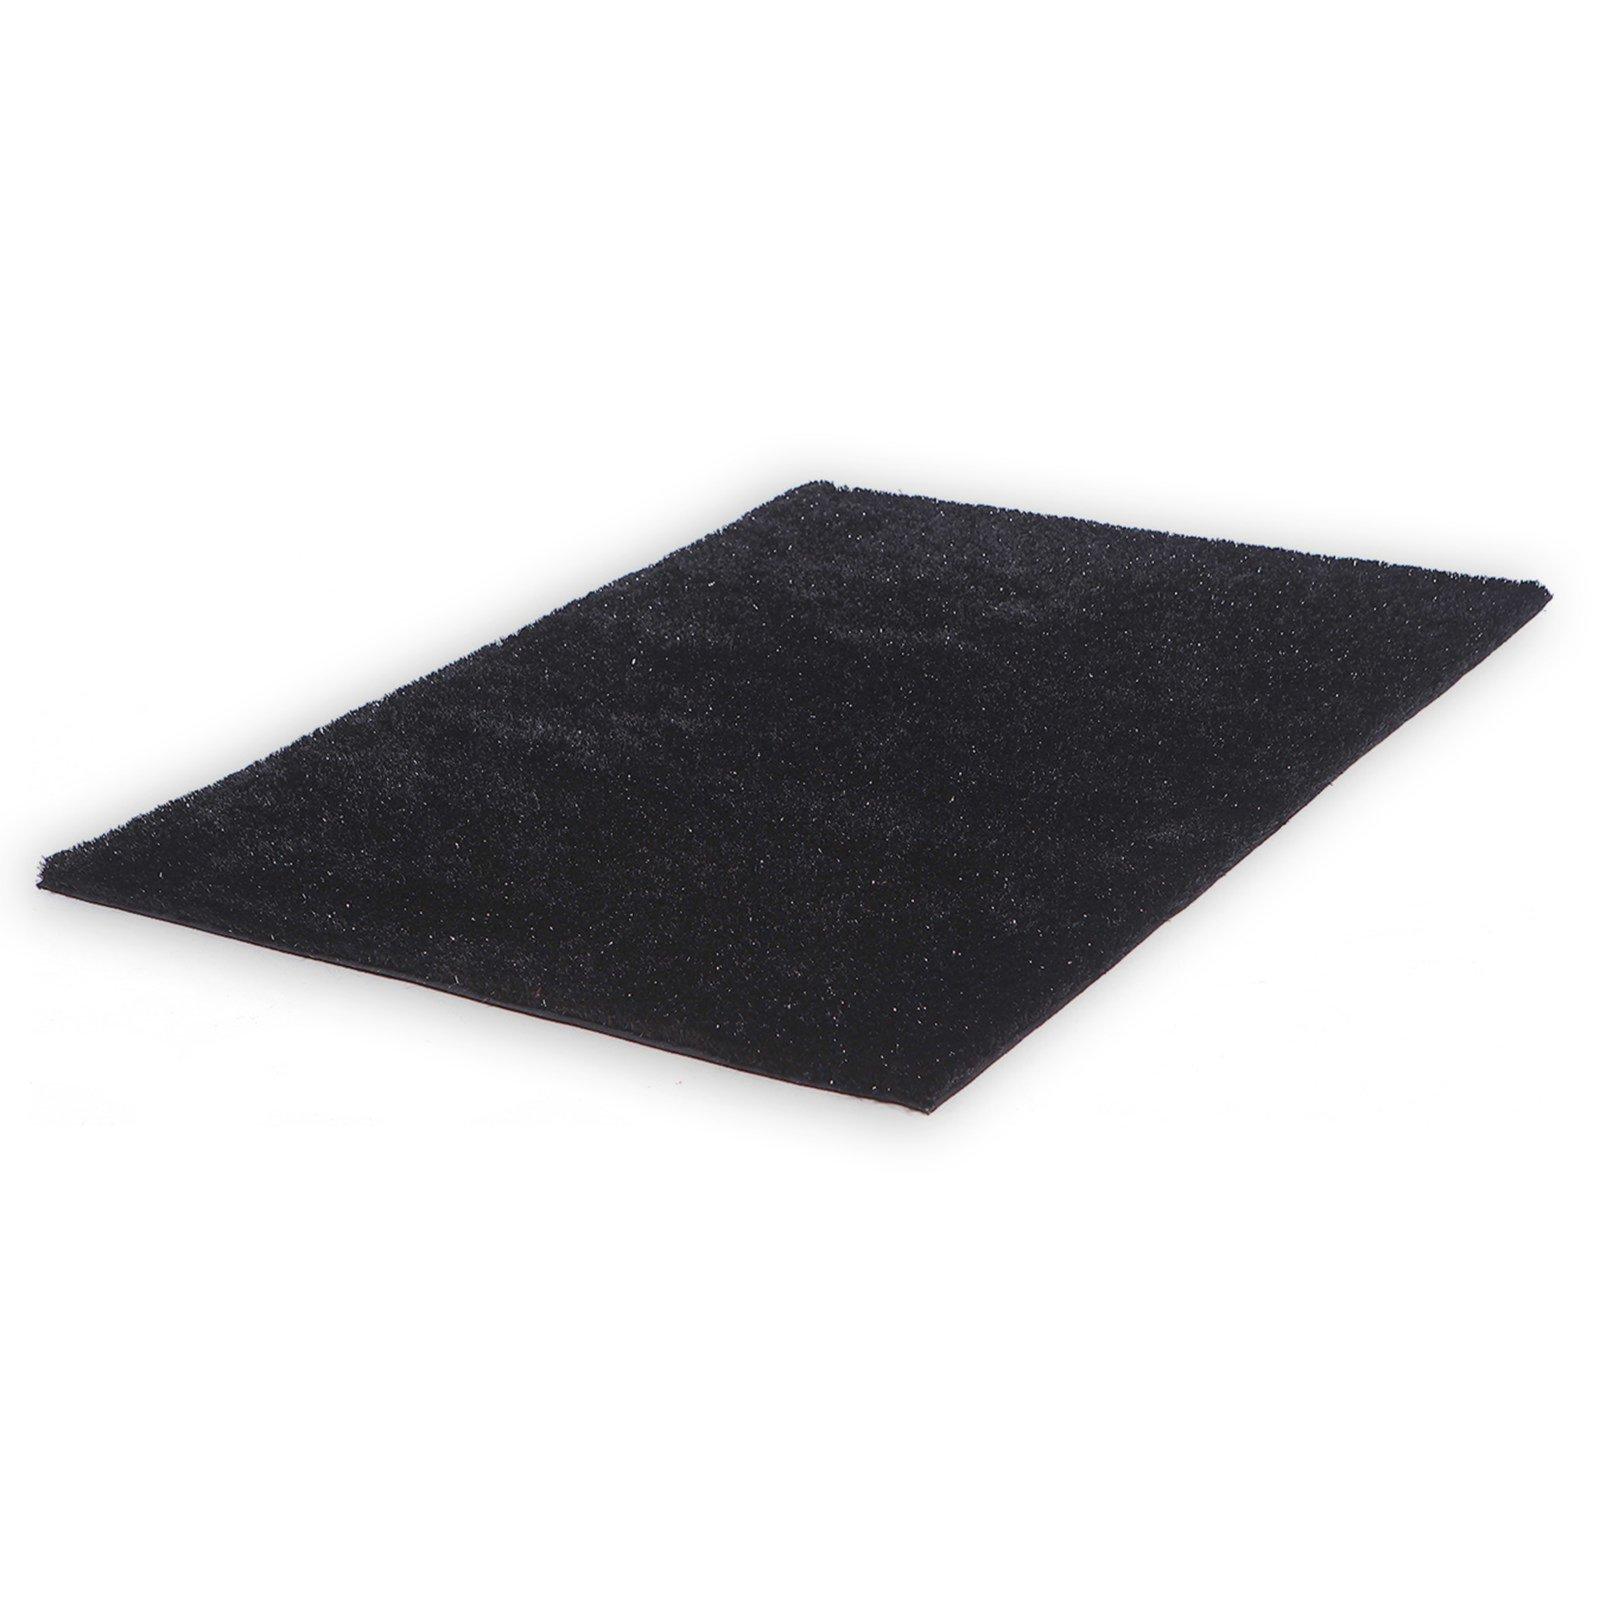 teppich shaggy stella schwarz 60x90 cm hochflor shaggyteppiche teppiche l ufer. Black Bedroom Furniture Sets. Home Design Ideas